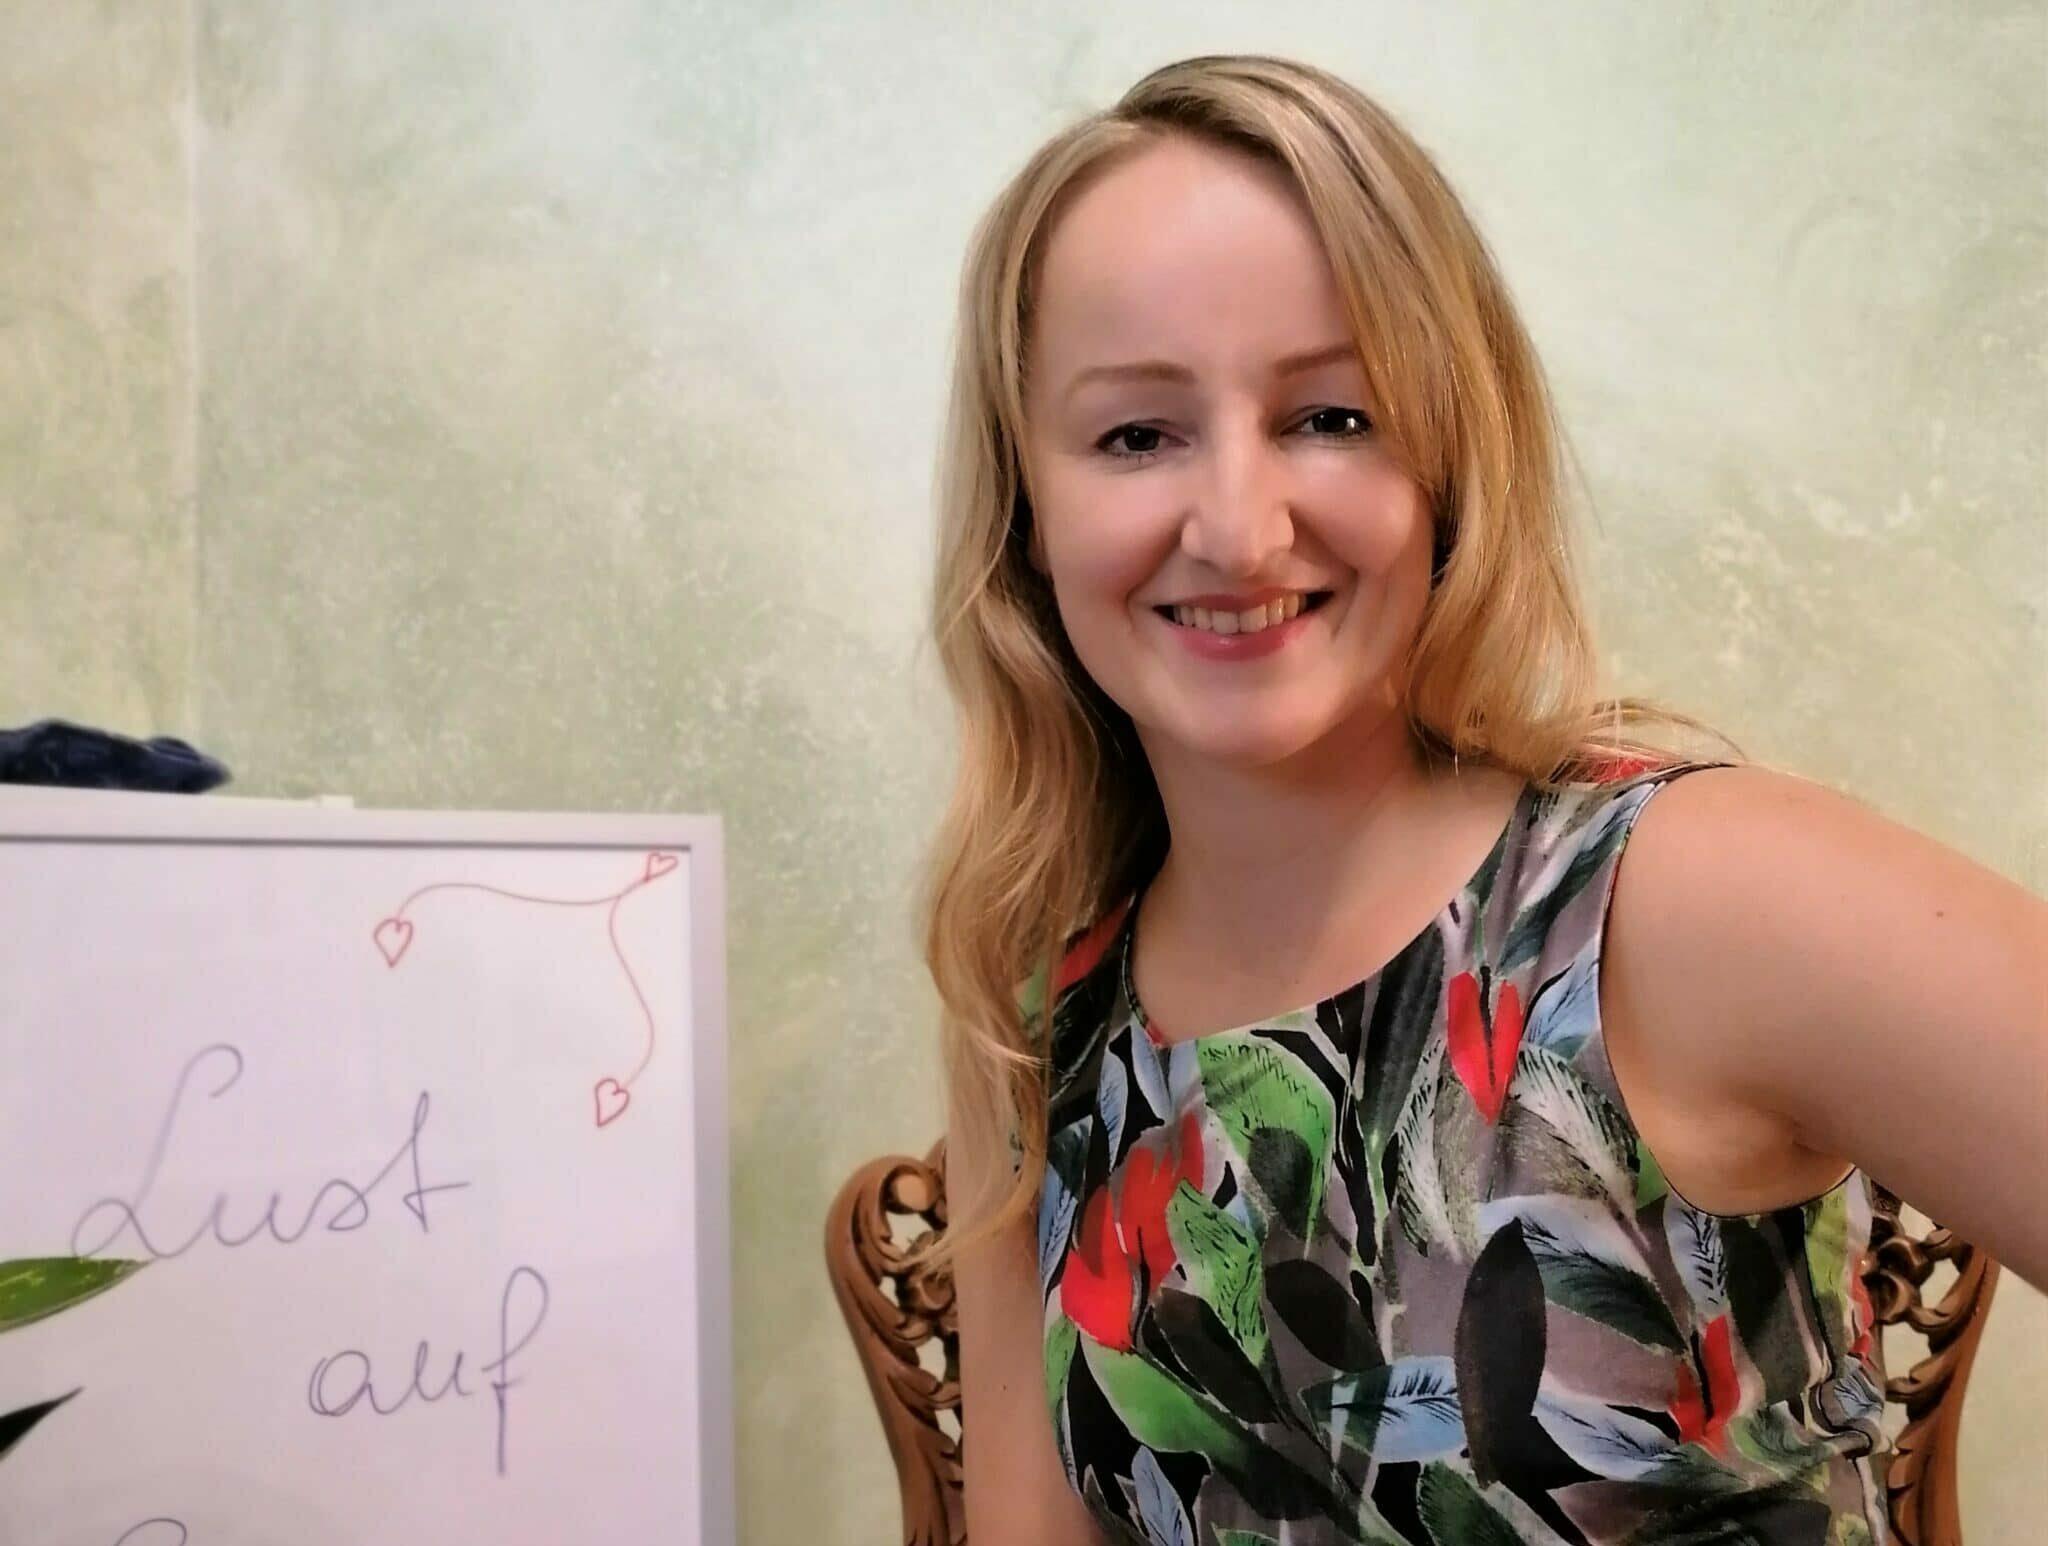 Frauen treffen frauen trautmannsdorf an der leitha: Sex dating